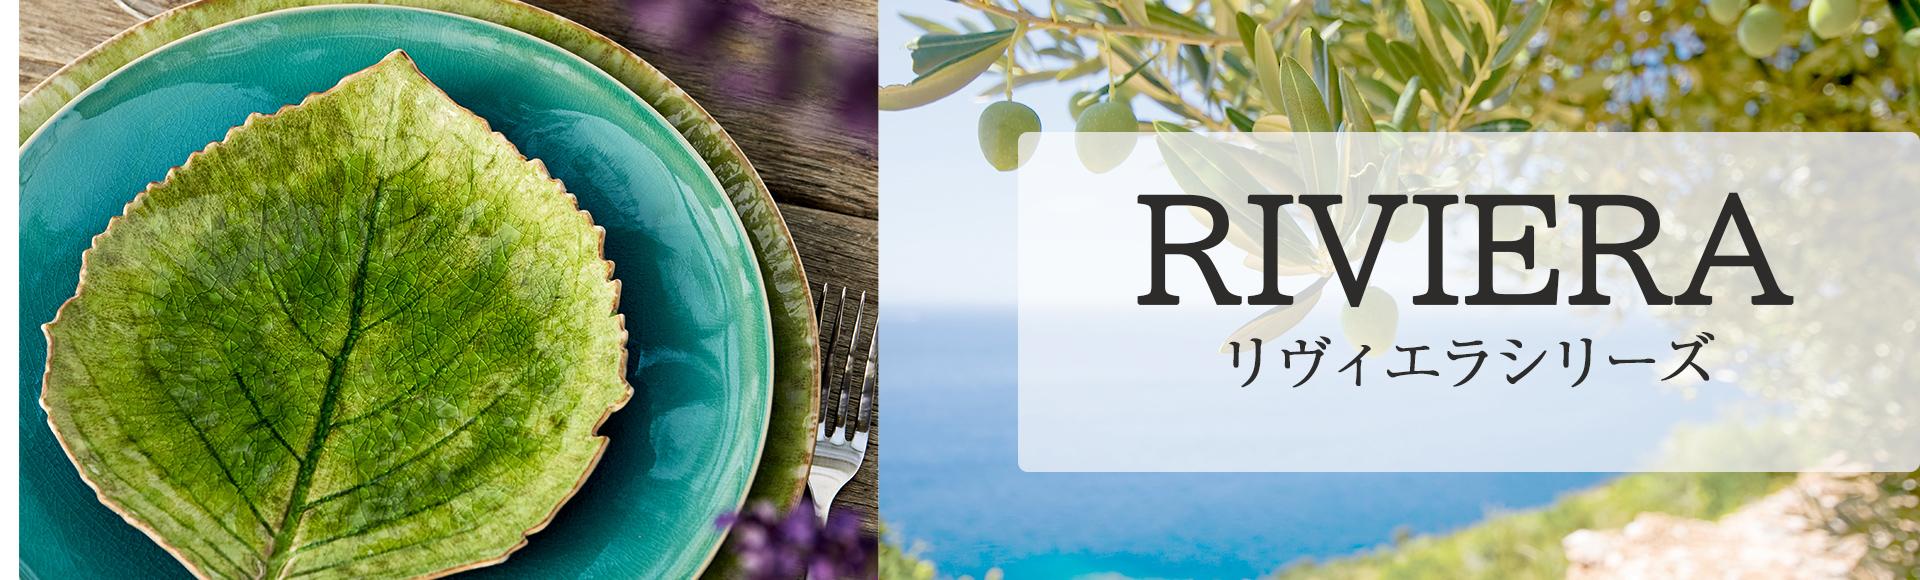 フラワーアーティストのクリスチャン・トルチュプロデュースのリヴィエラシリーズ。地中海の明るい自然をモチーフにした美しい色と形がユニーク。